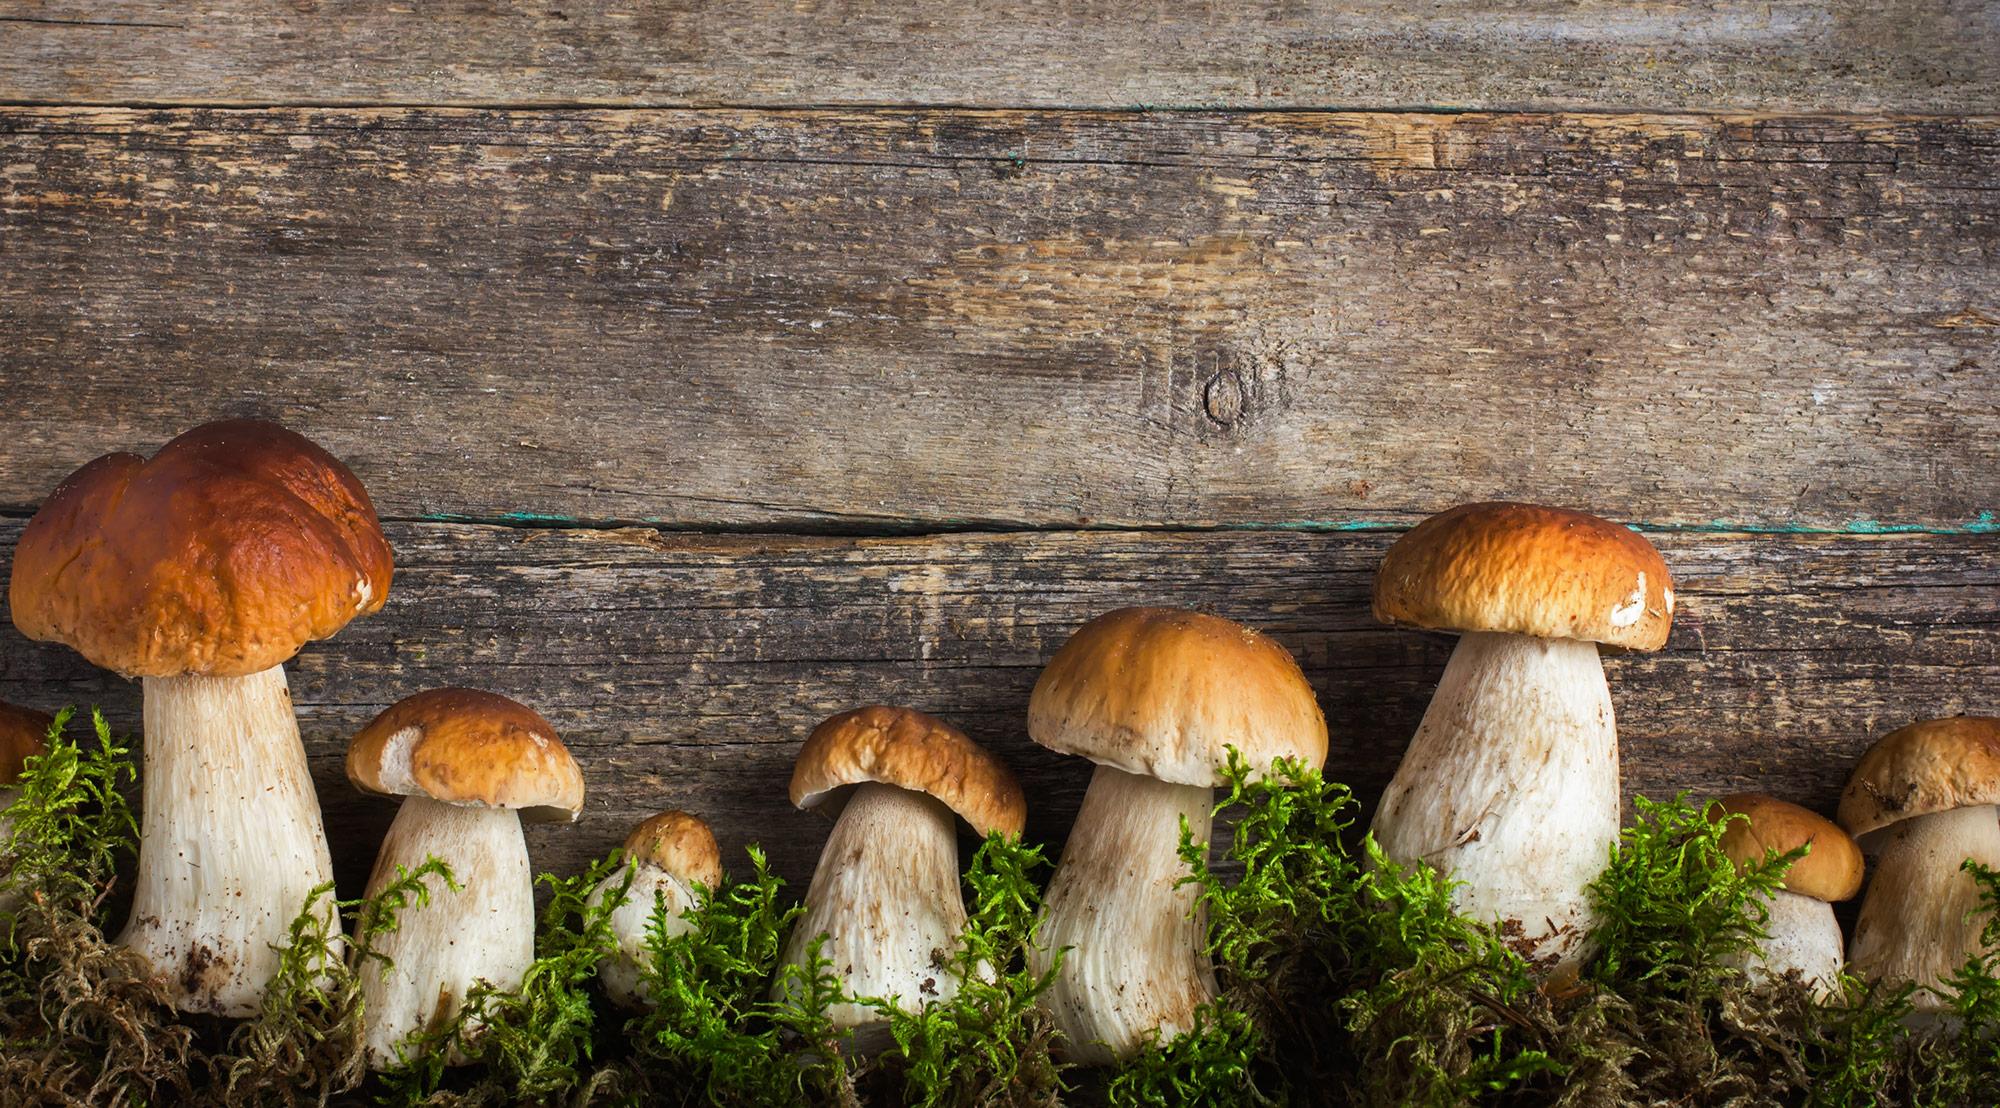 Le proprietà nutritive dei funghi, i valori nutrizionali, i benefici per la salute, i funghi velenosi